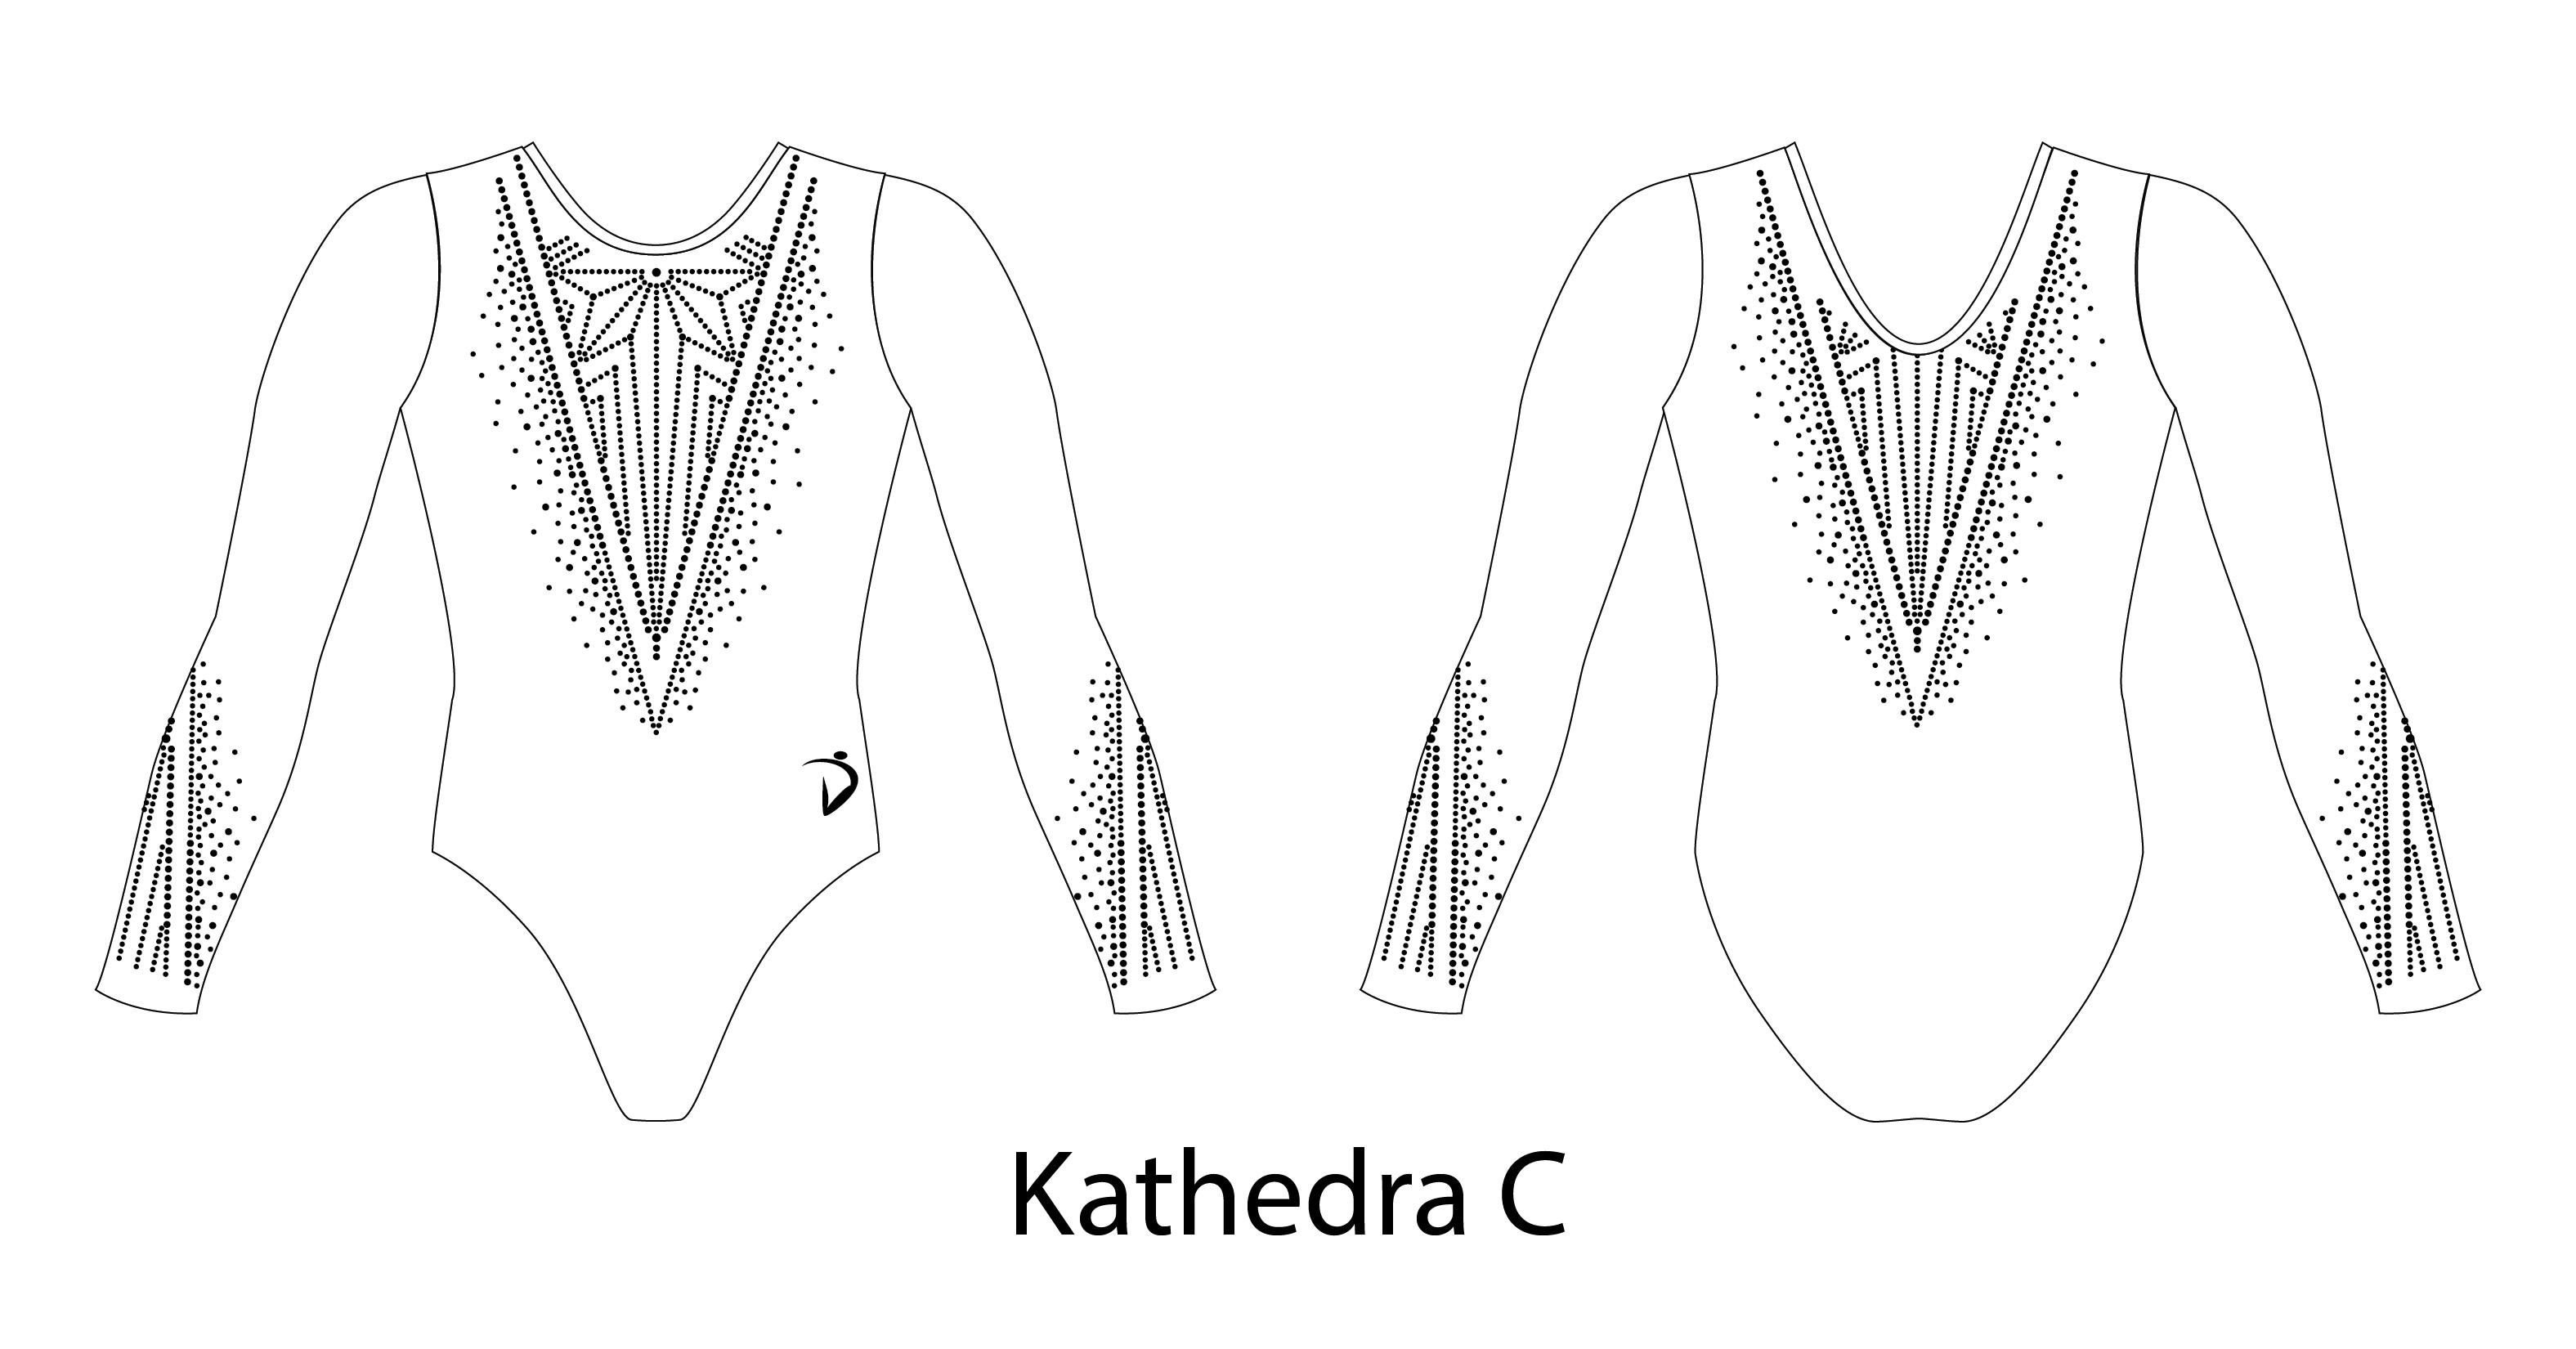 Kathedra C